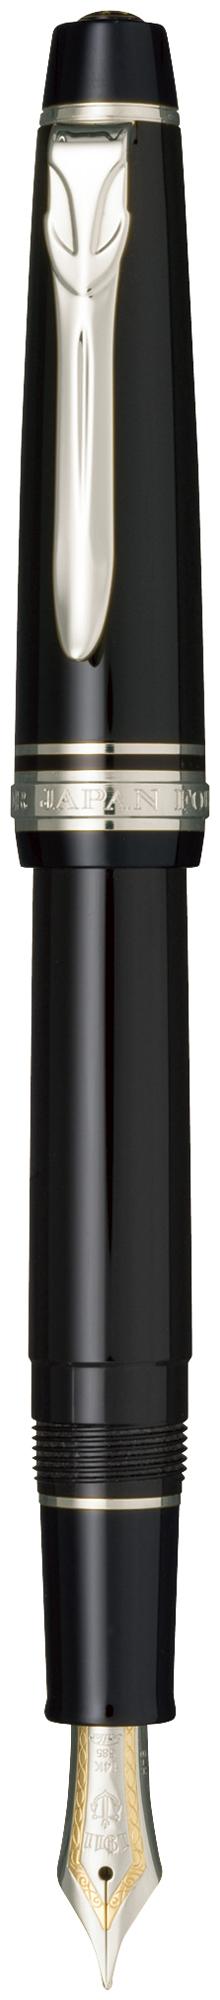 セーラー万年筆 プロフェッショナルギアΣ スリム 銀 ブラック 中字 11-1518-420 プロギア シグマ 定番品 初心者 初めての人 細い 大人 クリップ 14金バイカラー 中型 ニッケルクロムメッキ ギフト 贈り物 ビジネス フレッシャーズ